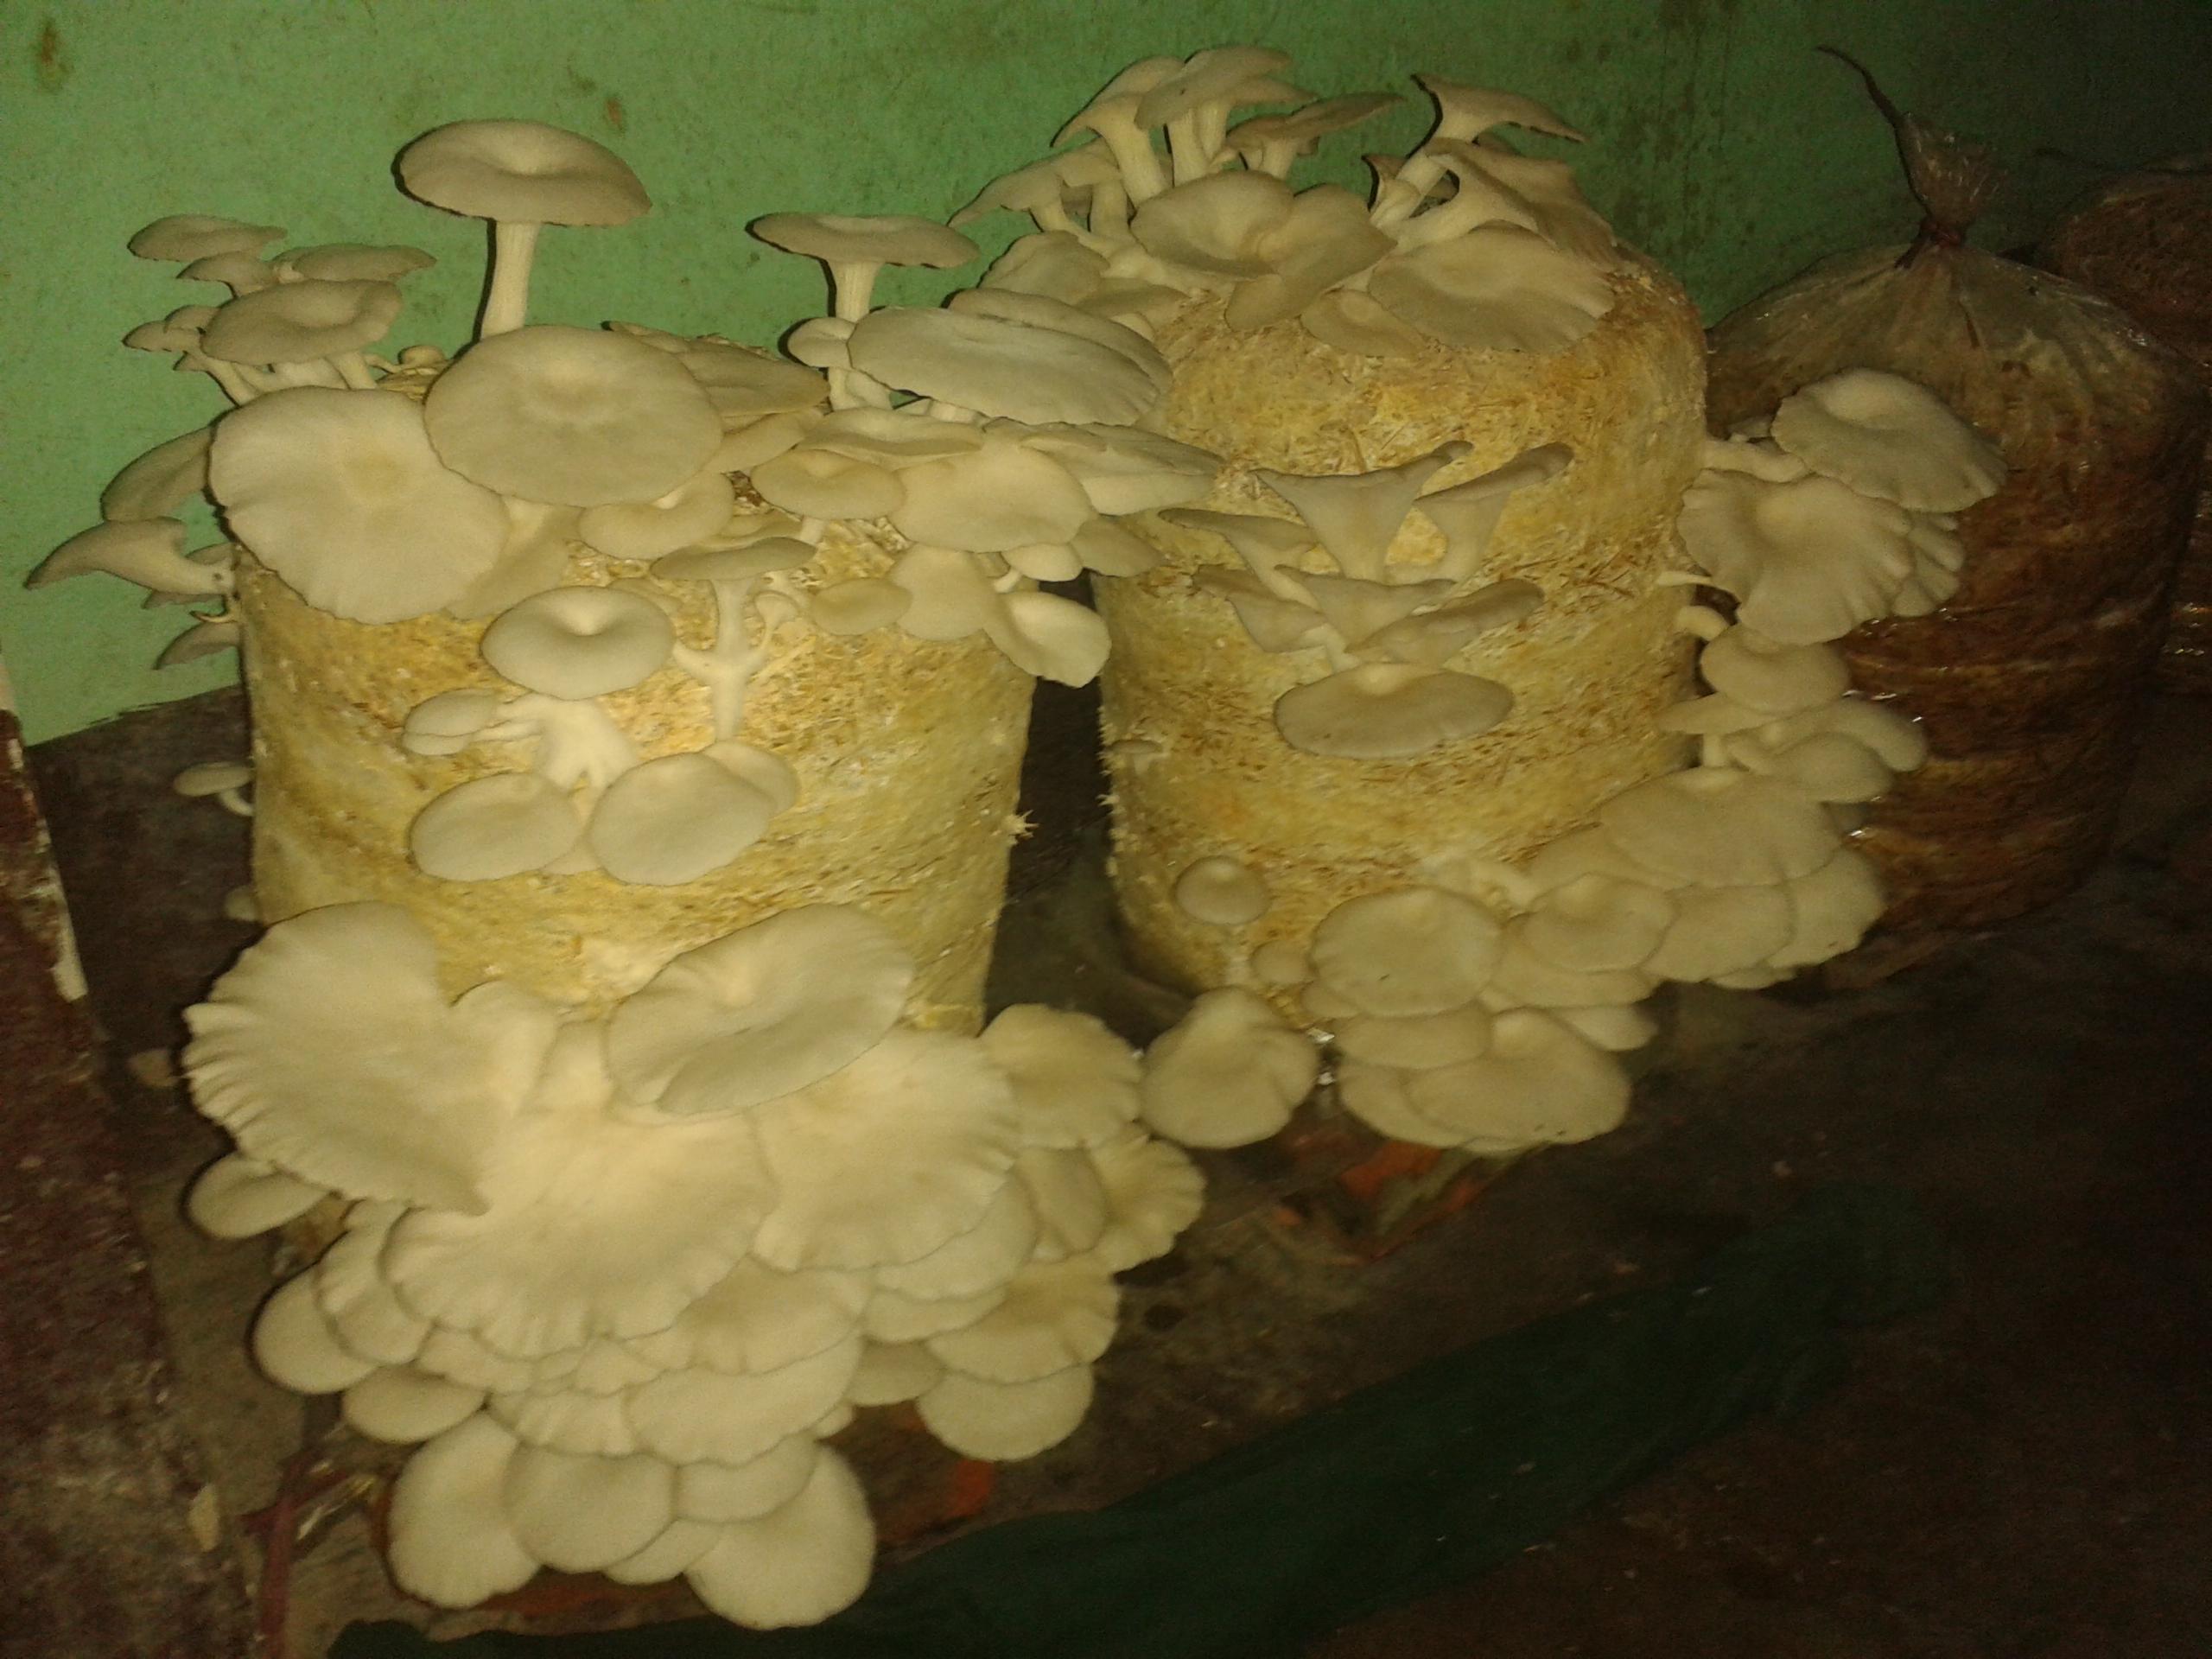 File:Mushroom20161019 153230.jpg